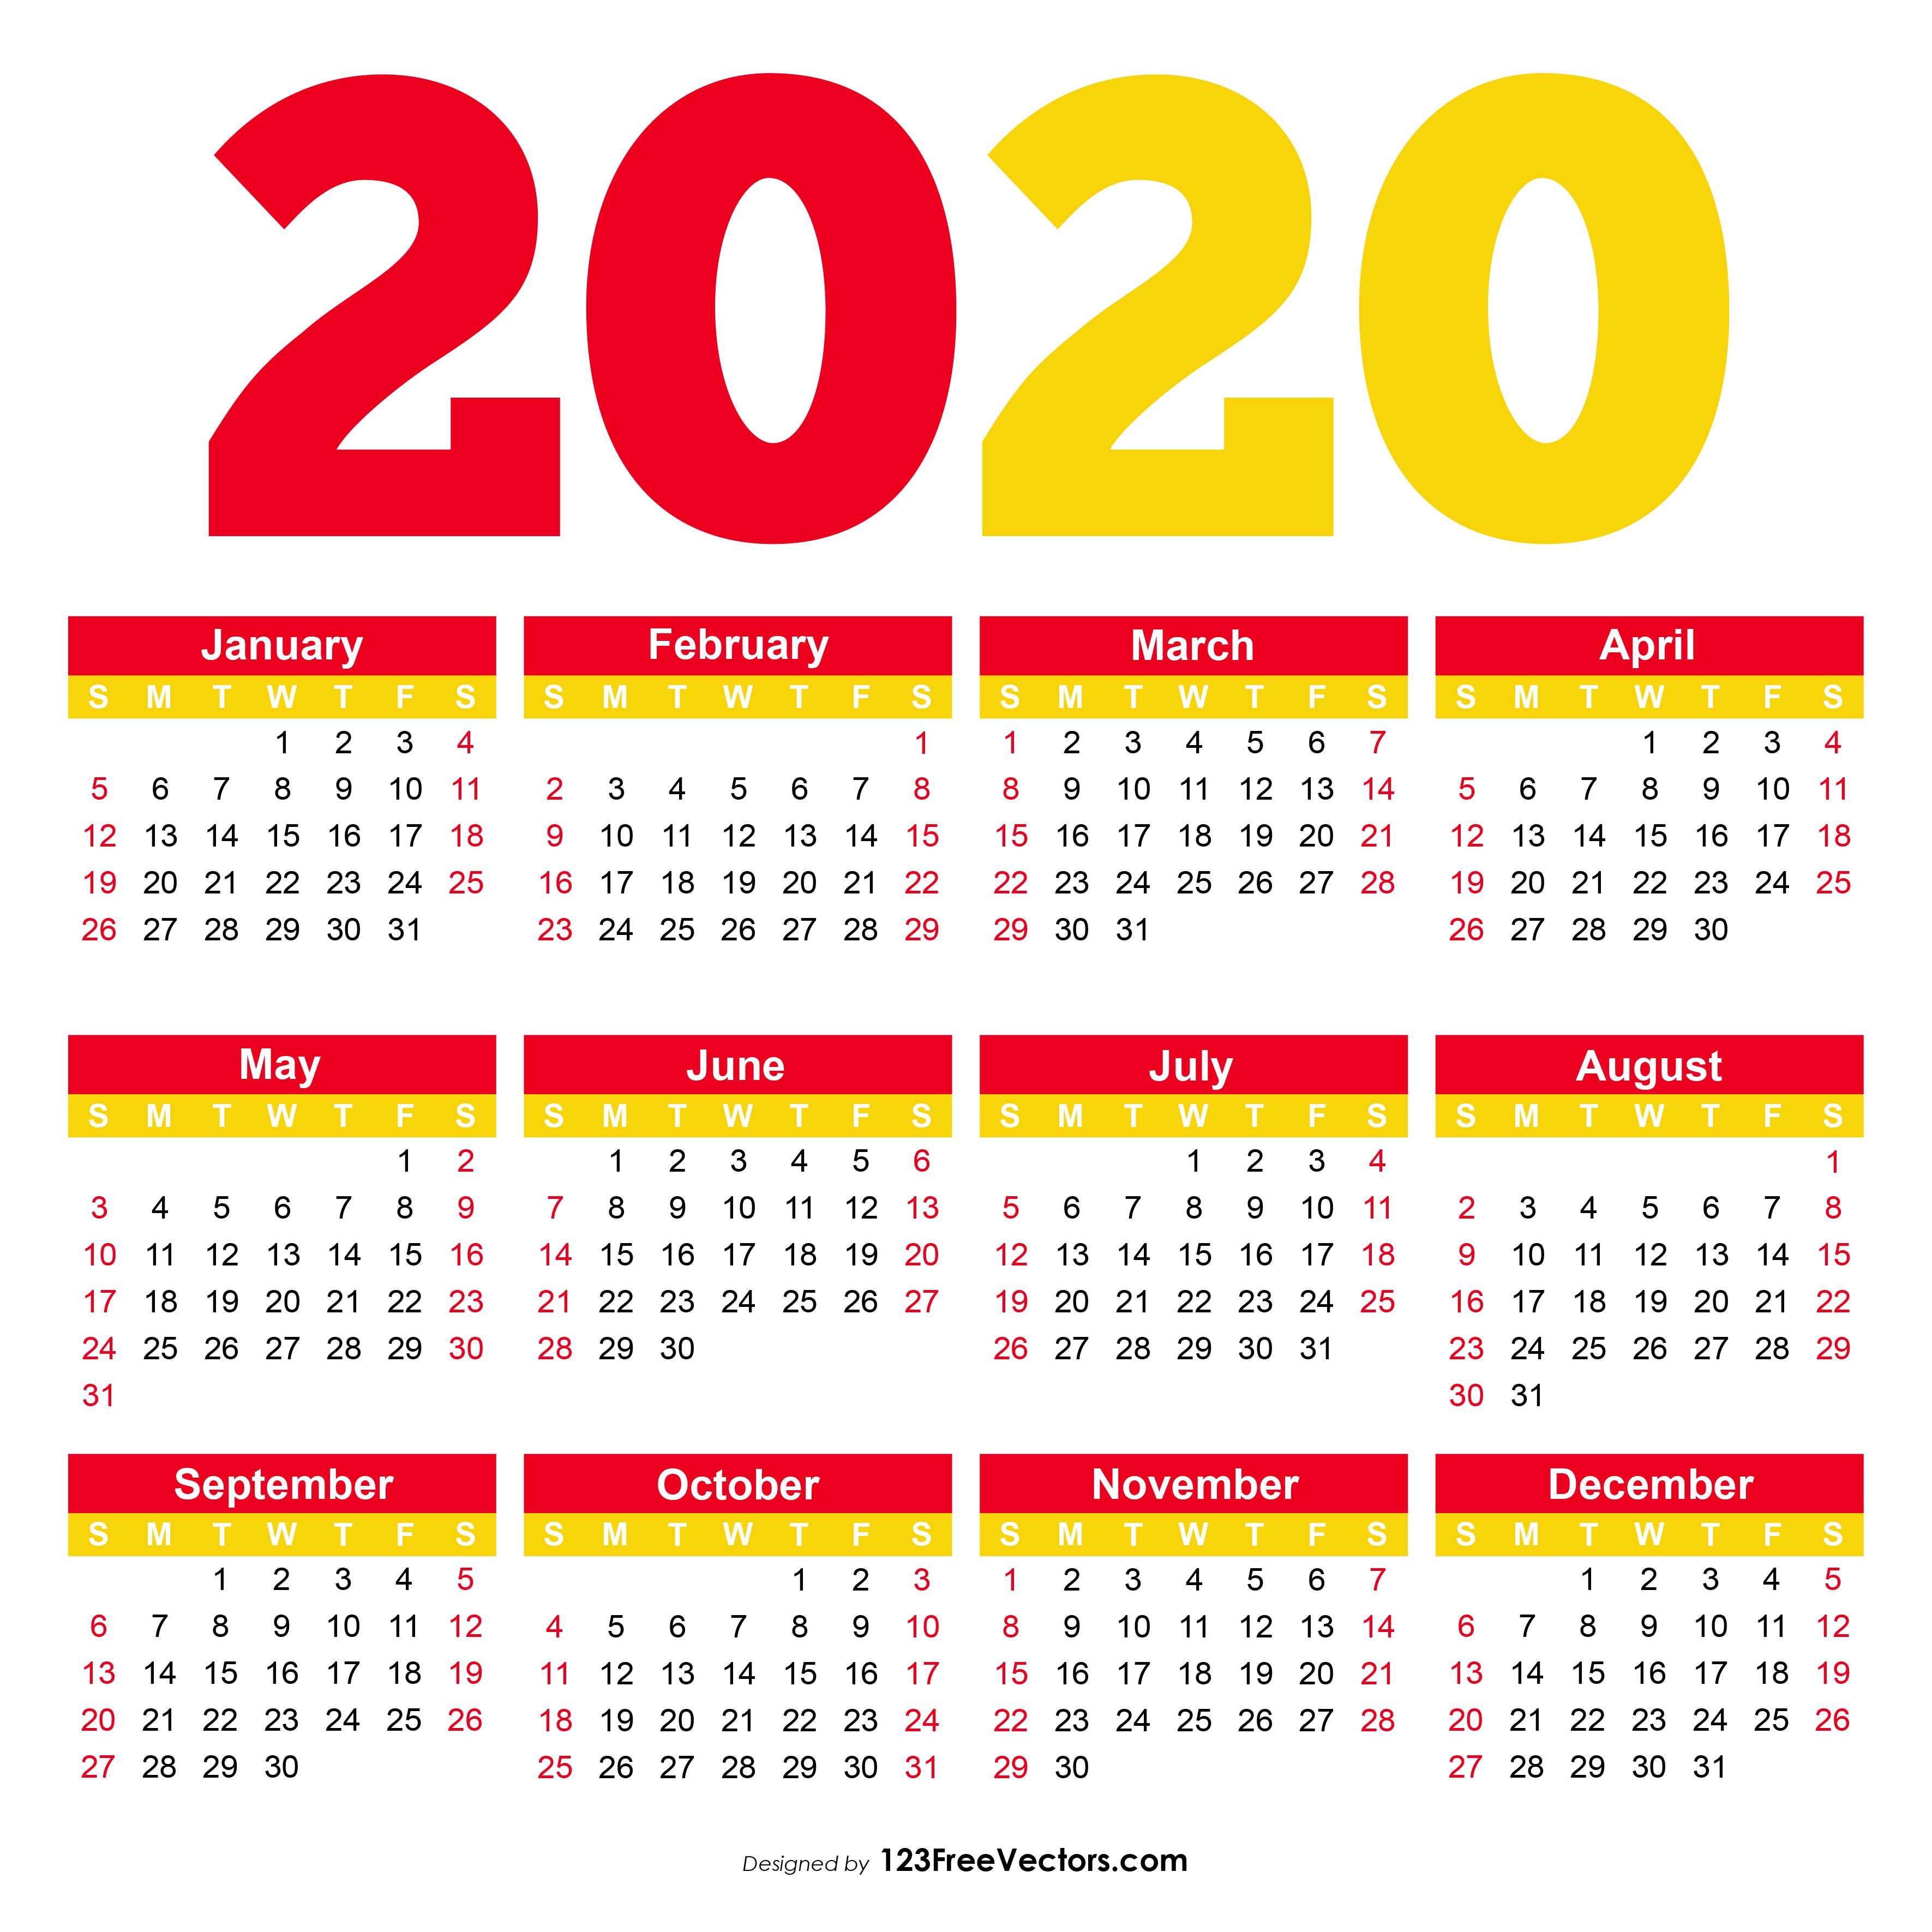 210  2020 calendar vectors